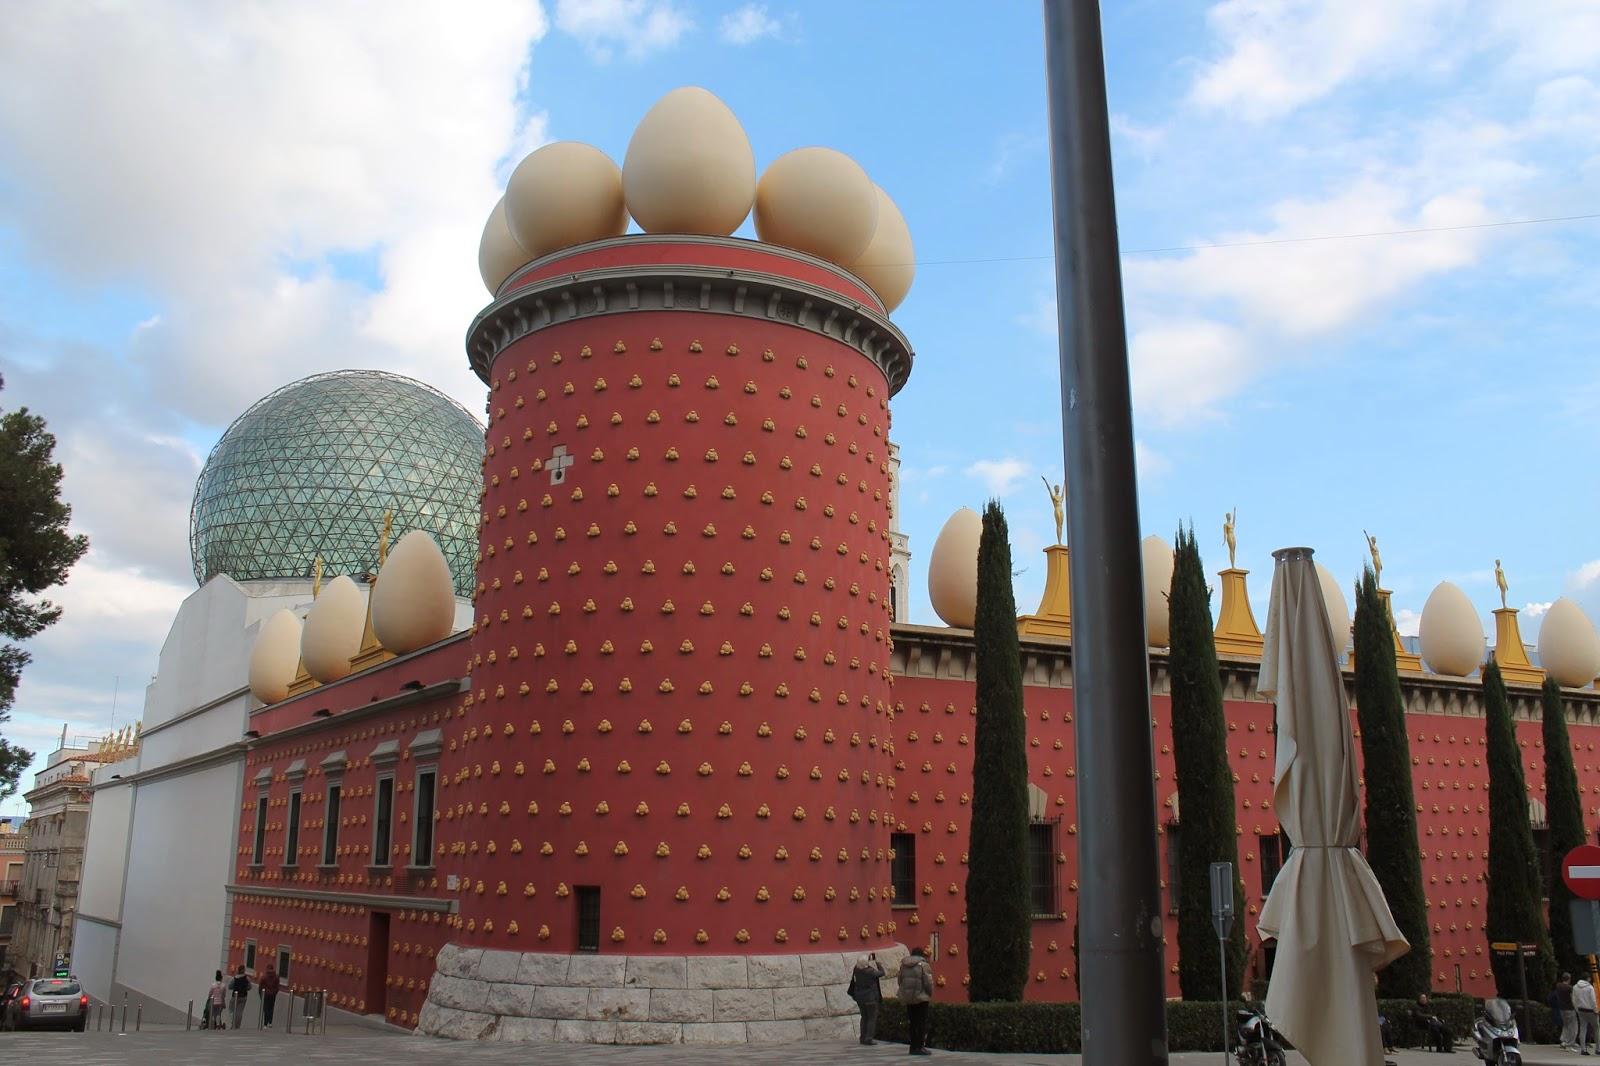 Figueres2BDali2BMuseum